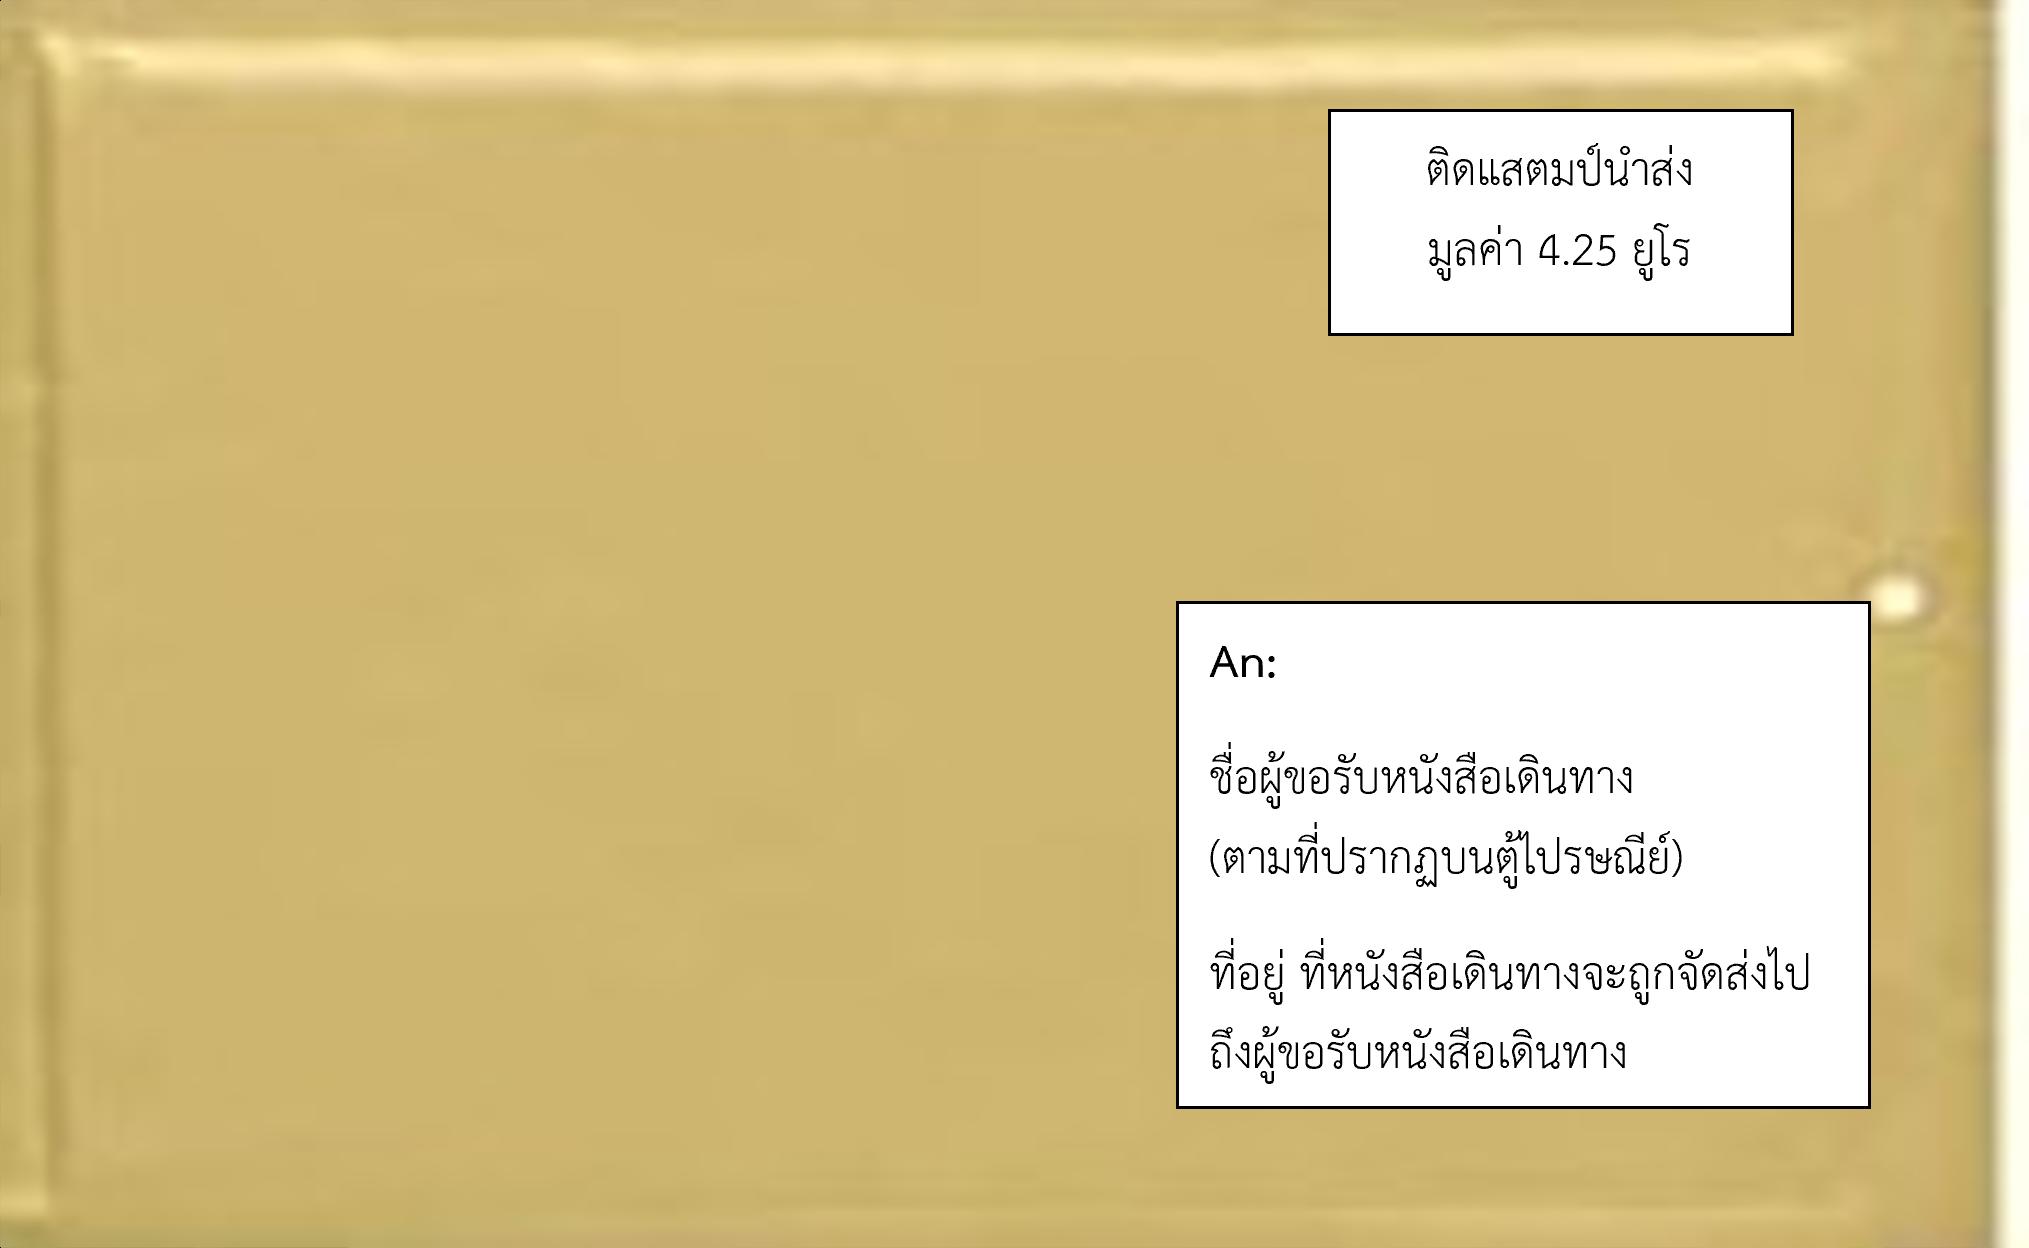 ตย_ซองจดหมายส่ง_นสดท